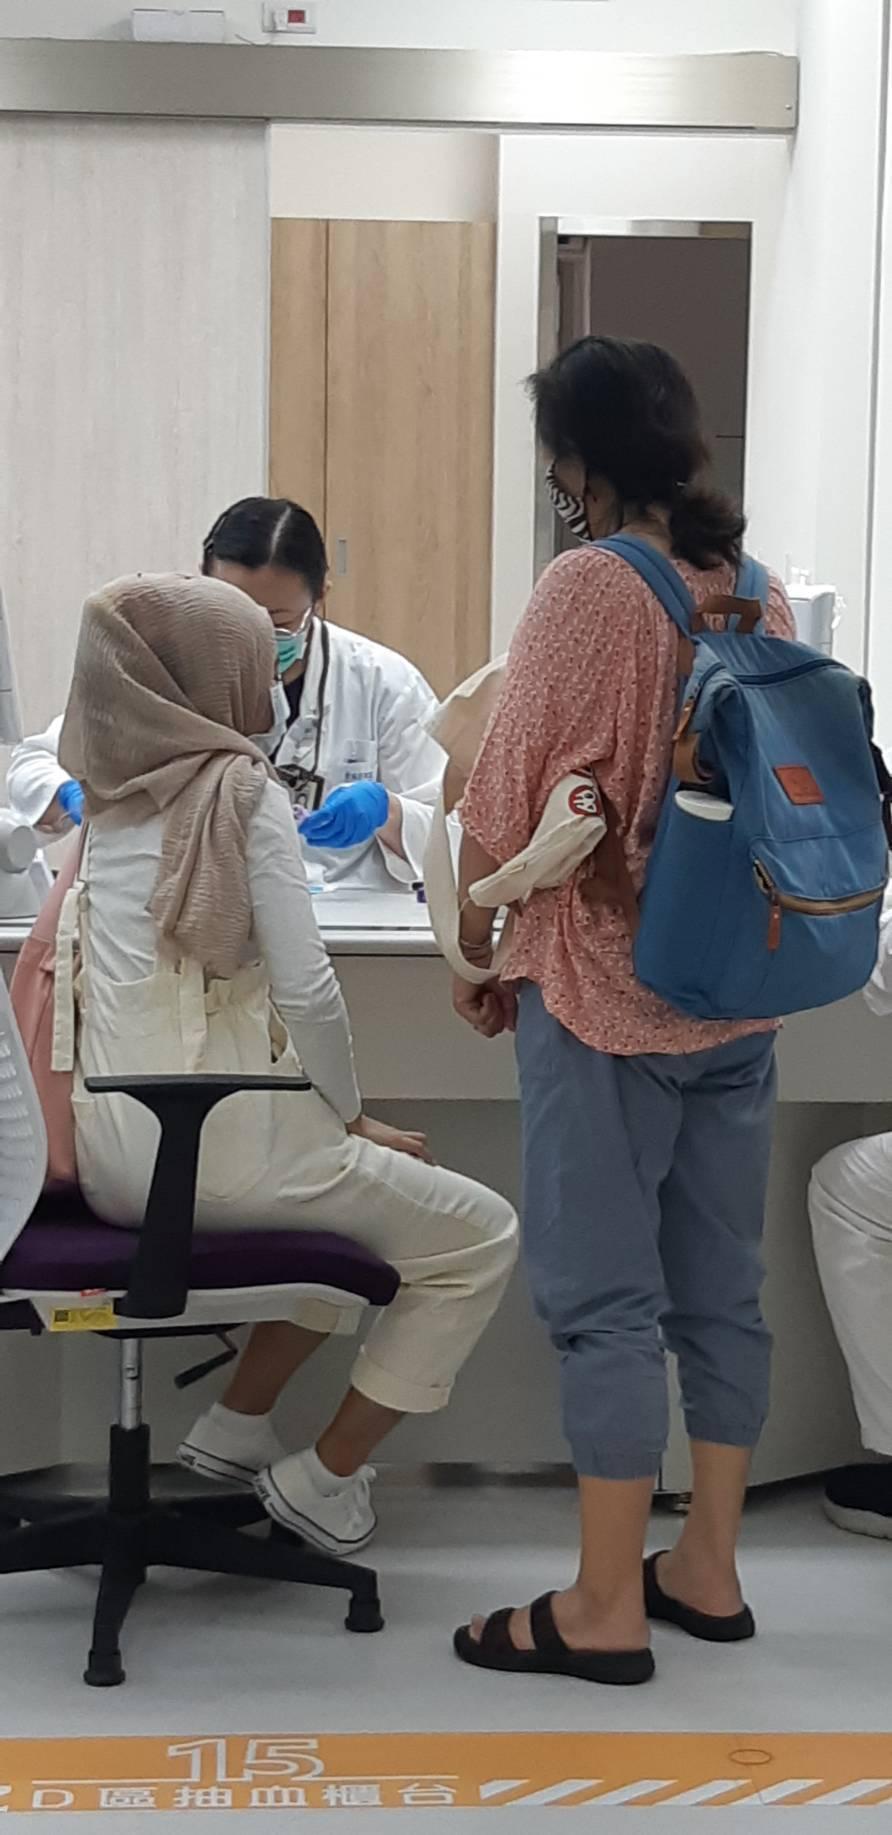 通譯莉莉(右)陪著莉娜(左)去抽血。記者邱宜君/攝影